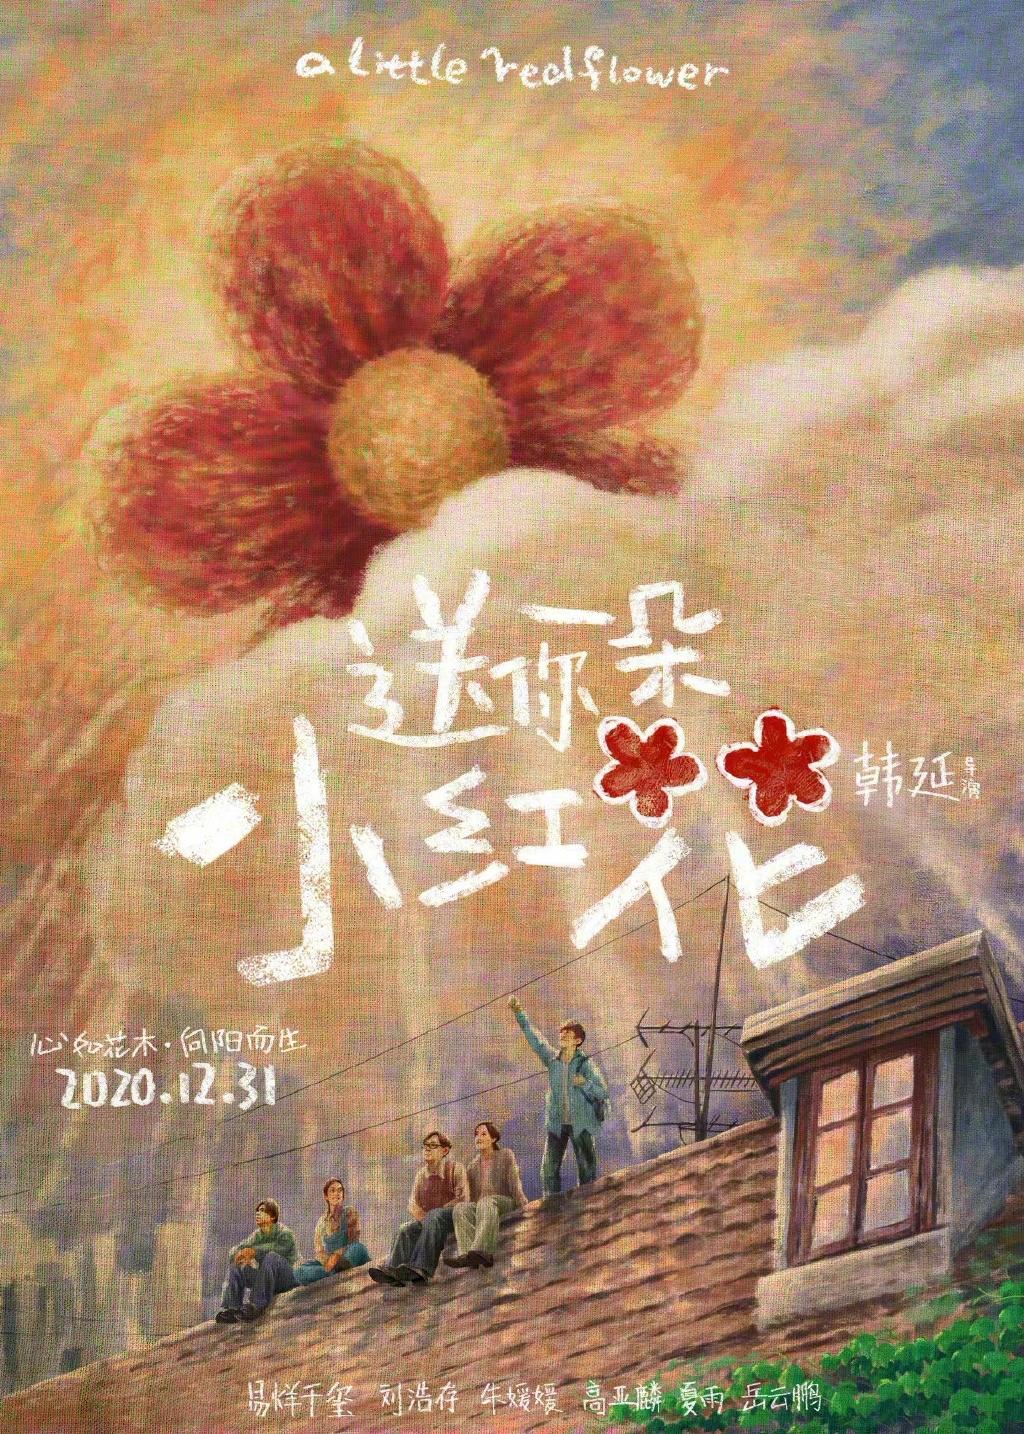 预热!黄海为《送你一朵小红花》设计了一张珍藏版海报